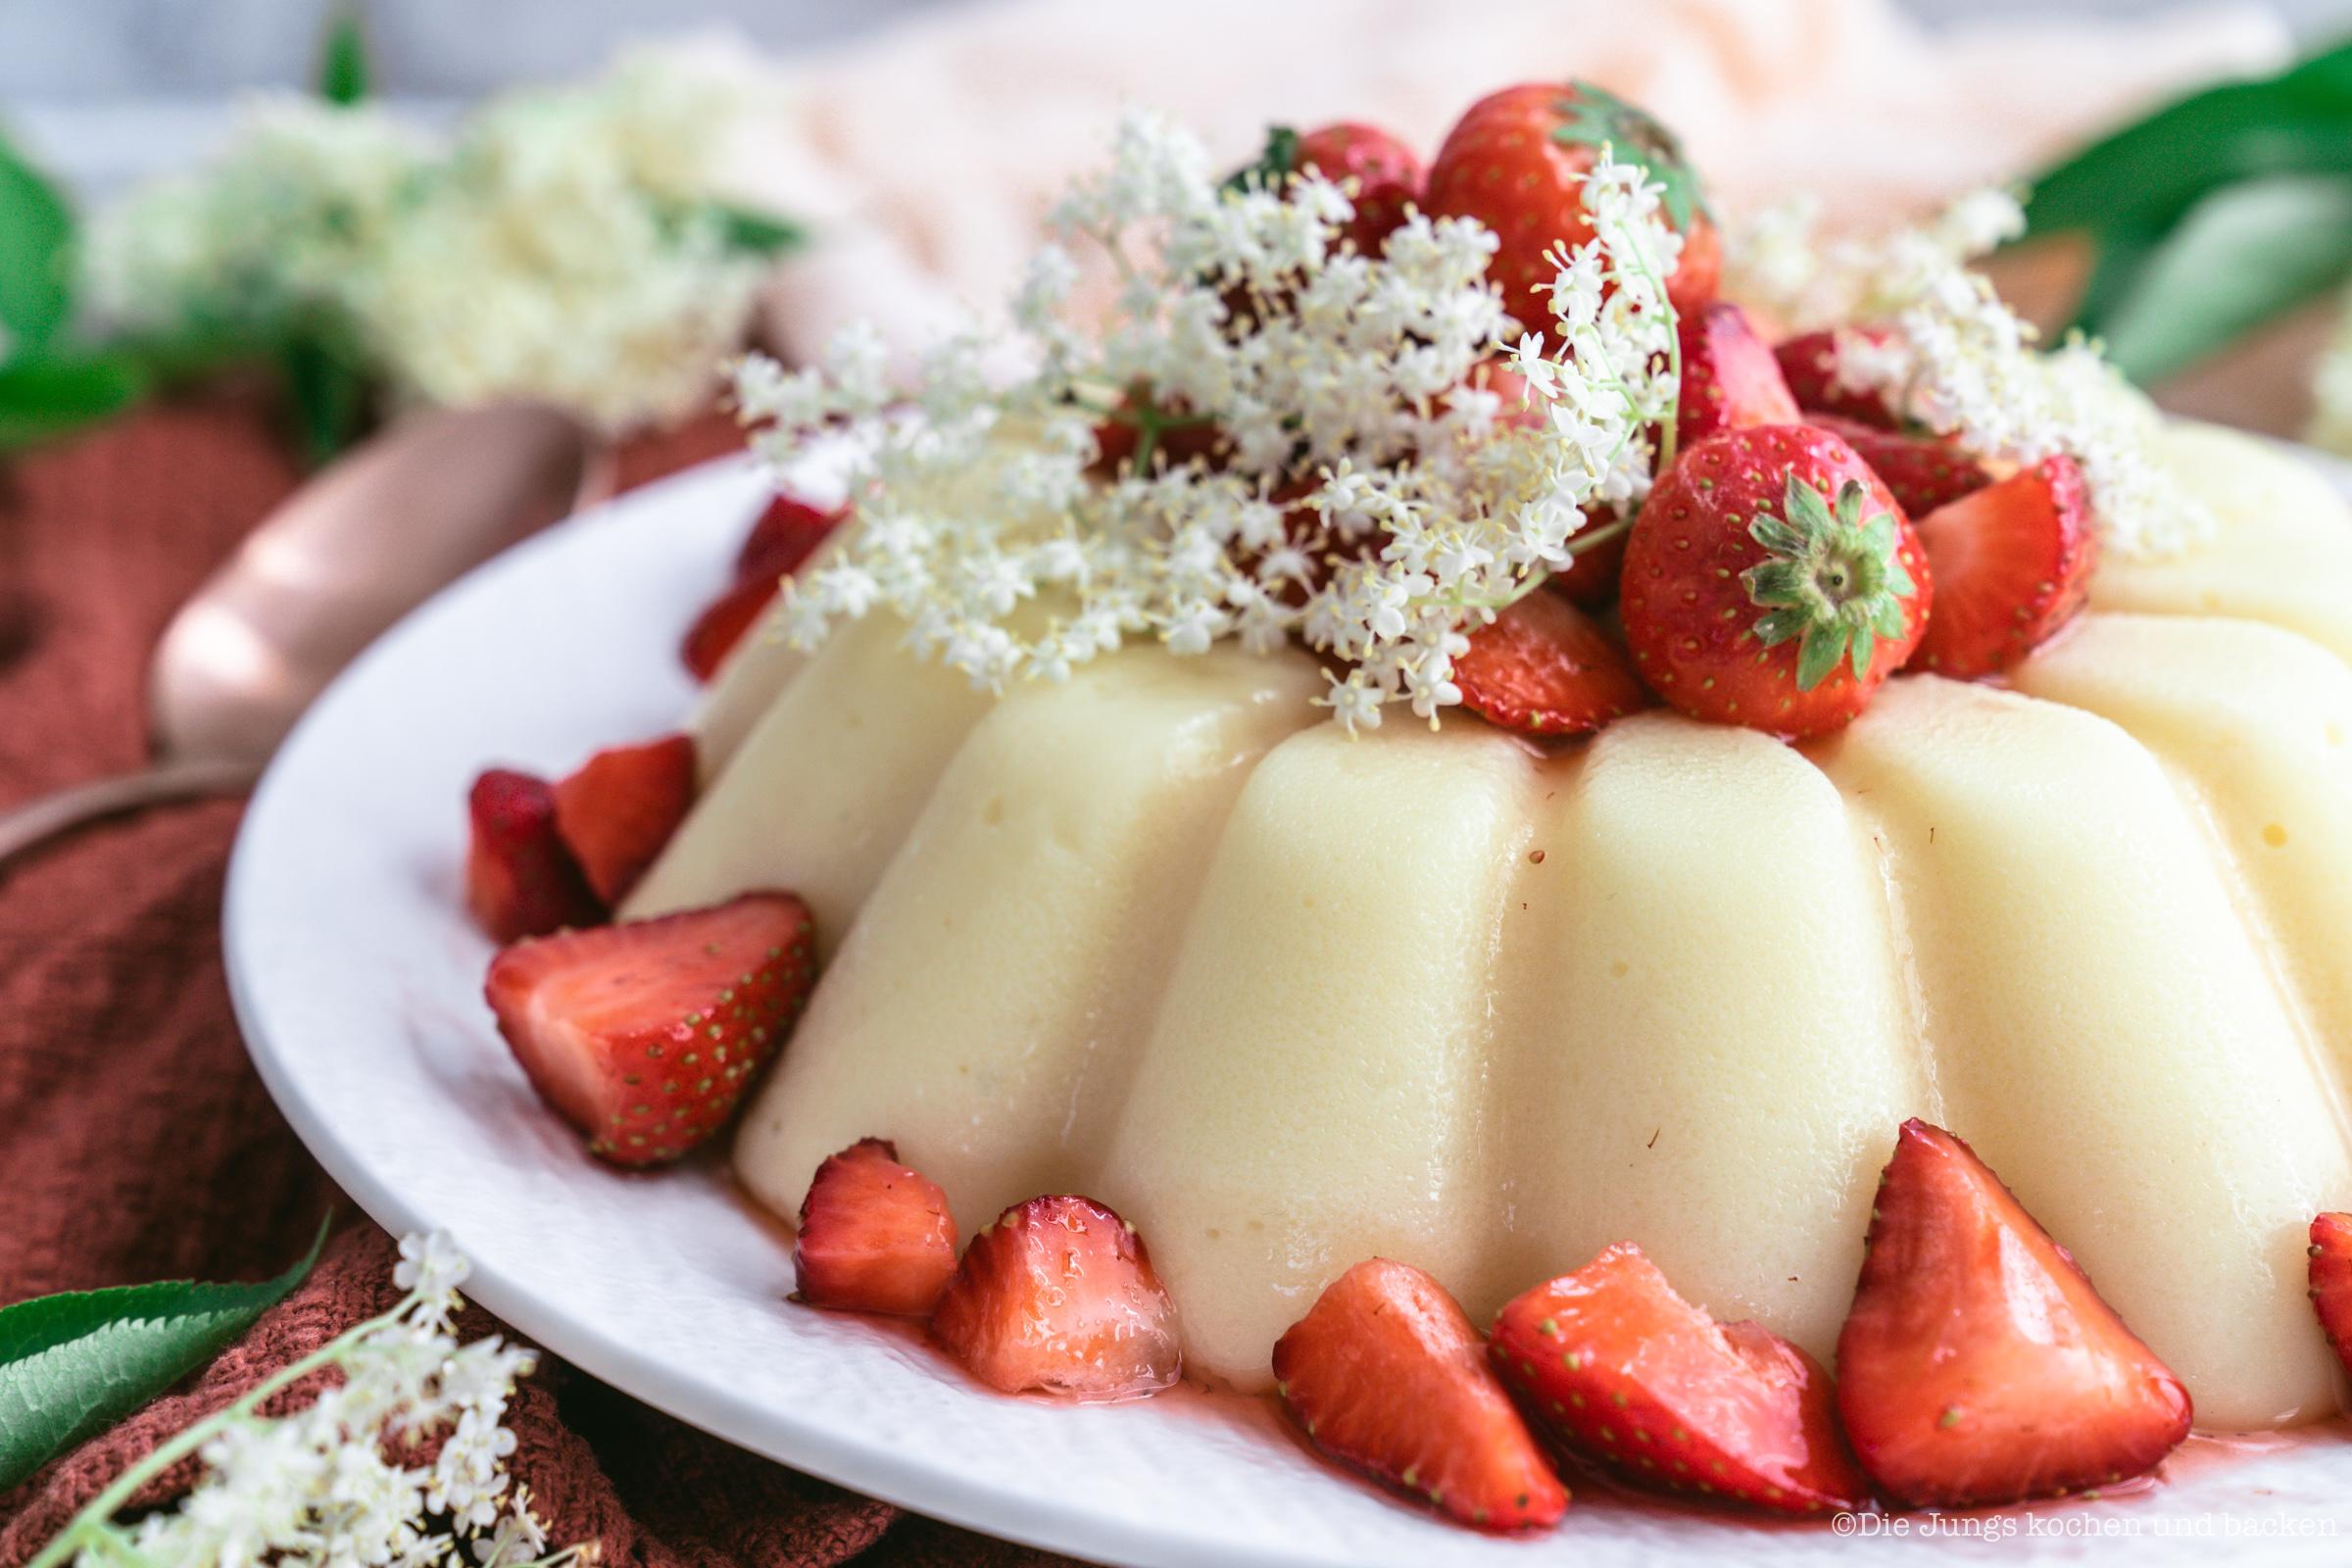 Rezept für gestürzten Holunderblütenpudding mit Erdbeeren. Ein tolles Dessert, das auch noch ein Hingucker ist! Der Pudding lässt sich easy vorbereiten und ist schnell gemacht. #holunderblütensirup #dessert #rezepte